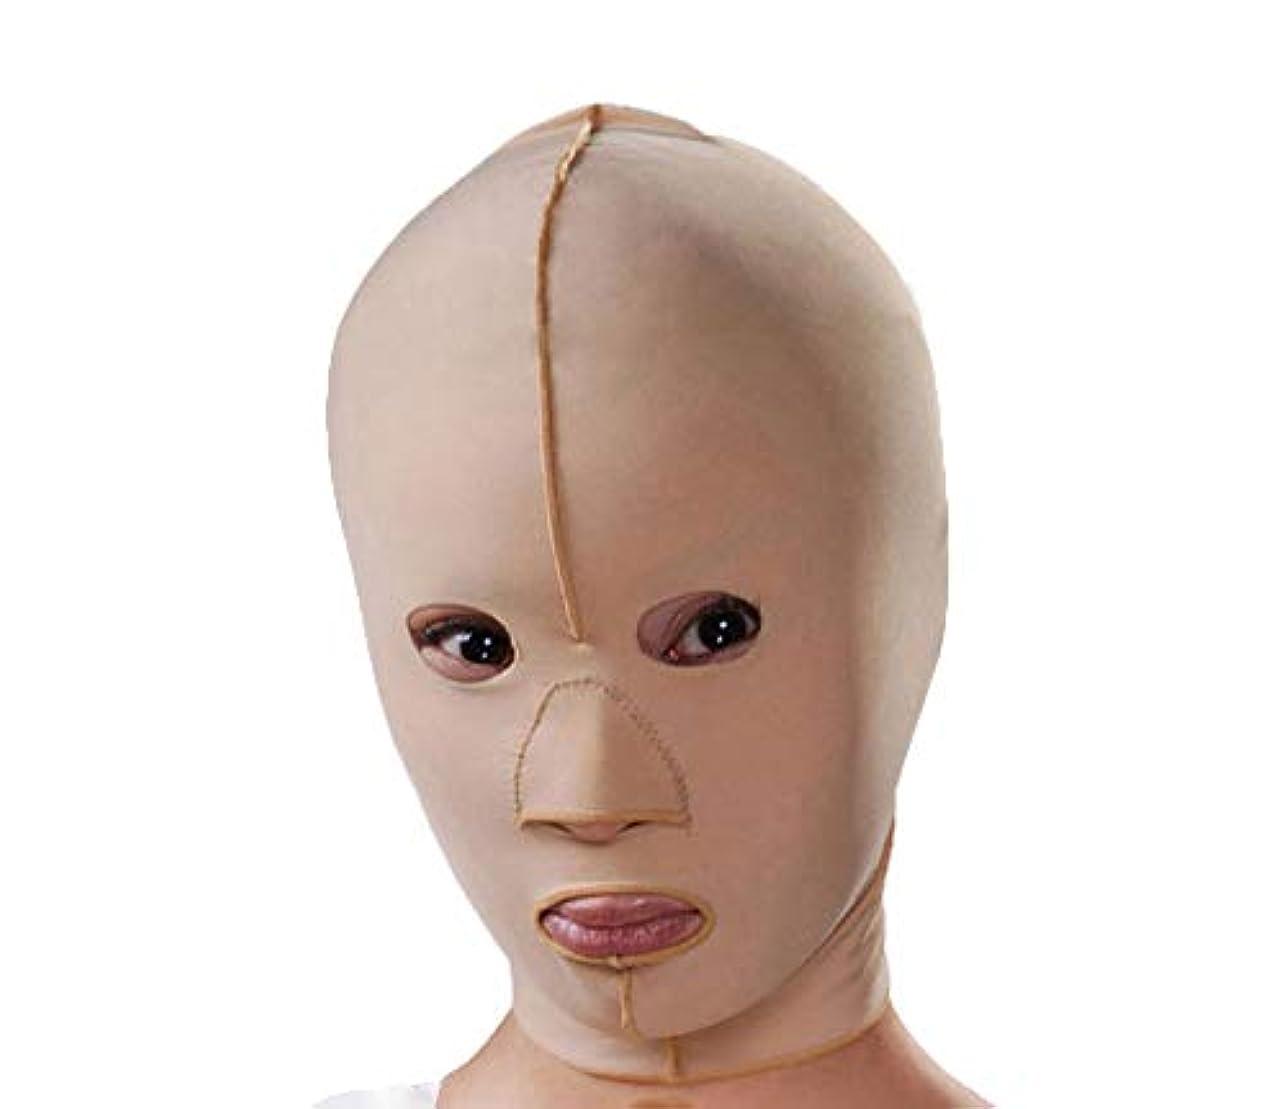 絶滅した七面鳥盗難XHLMRMJ 顔と首のリフト、減量強力なフェイスリフト弾性スリーブフェイシャルリフティング引き締め美容フェイシャル傷跡リハビリフルフェイスマスク (Size : S)